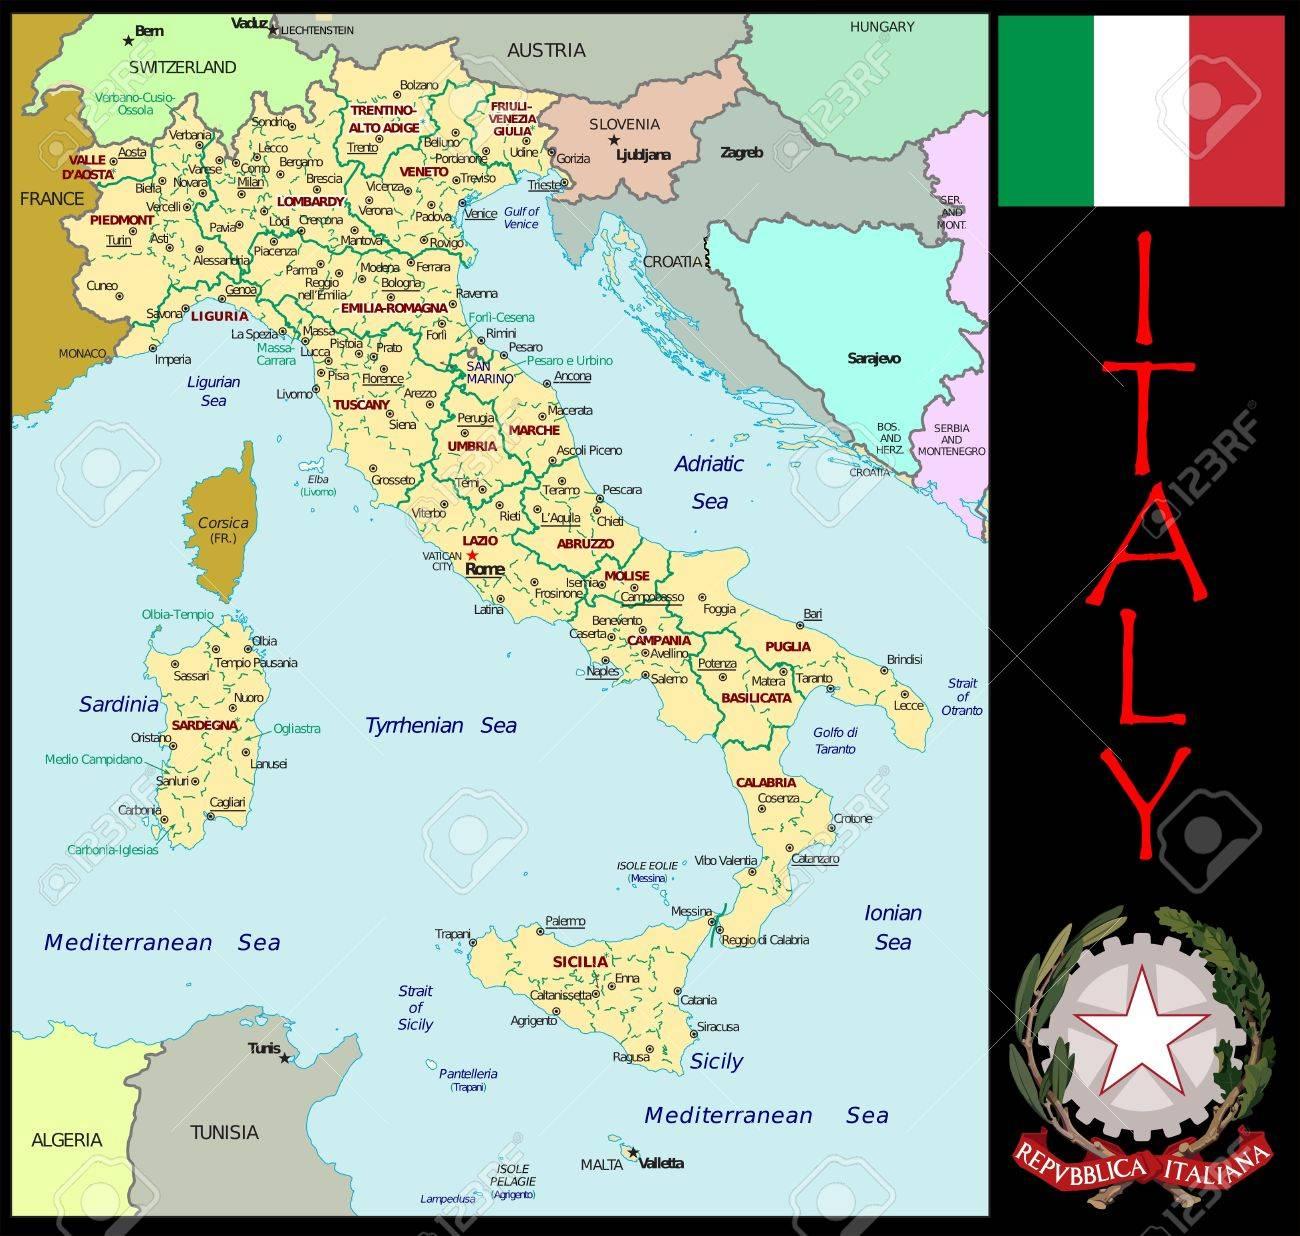 イタリアの地方行政区画 の写真...